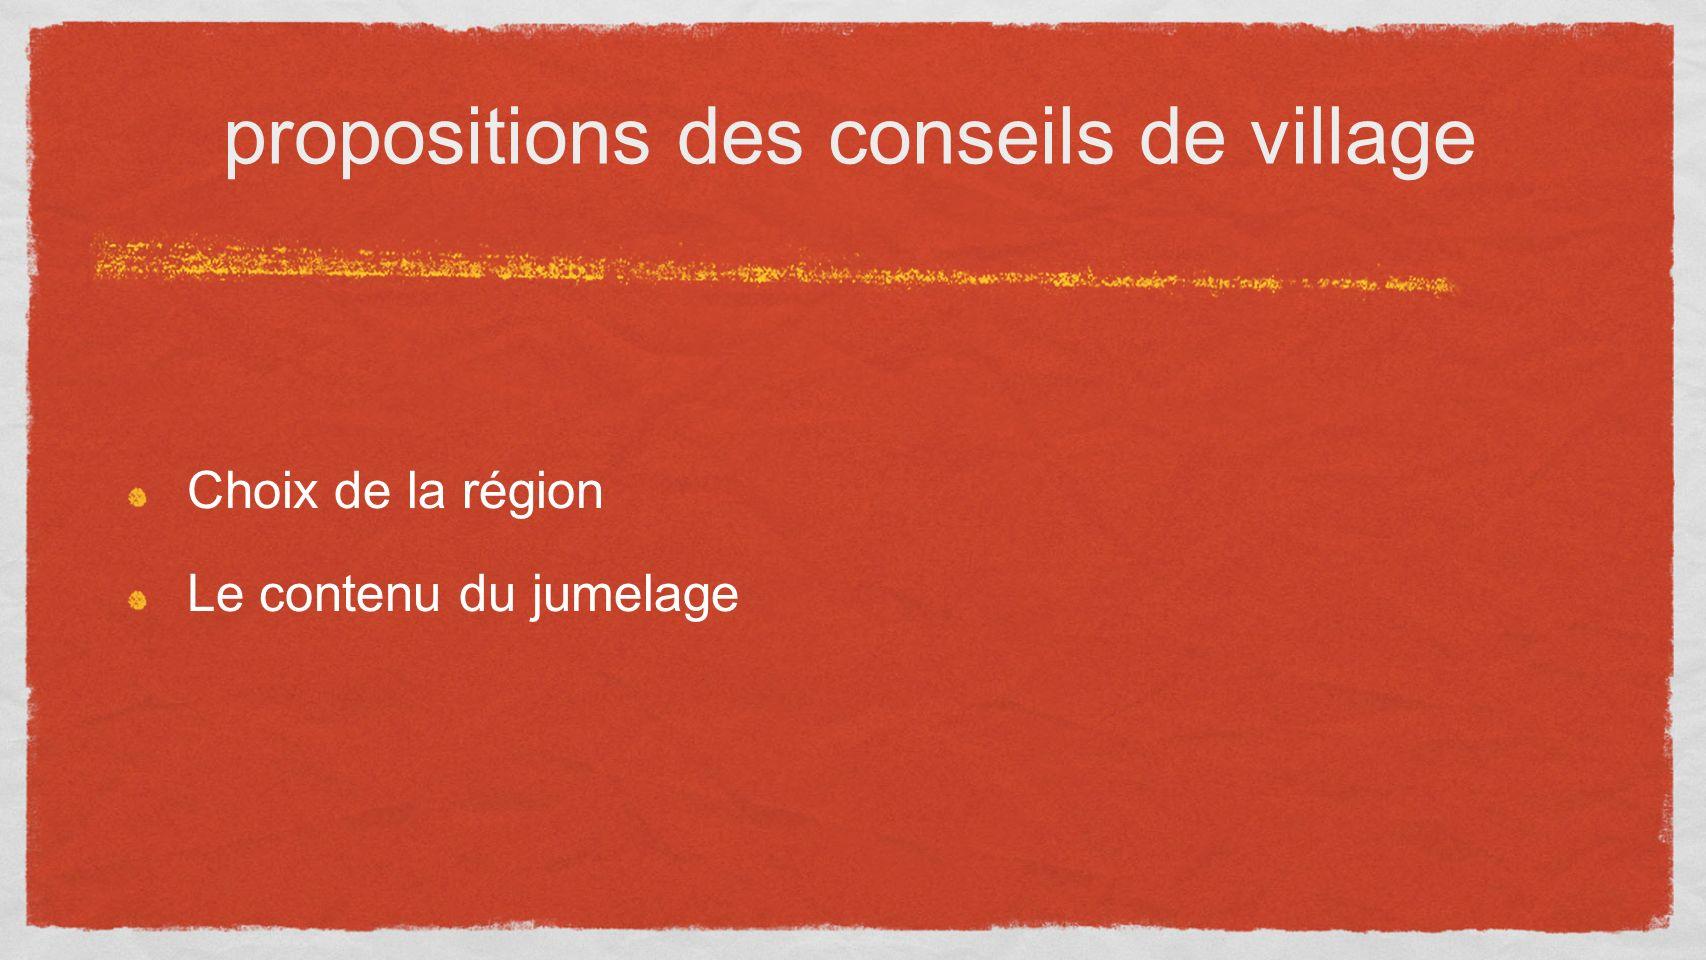 propositions des conseils de village Choix de la région Le contenu du jumelage